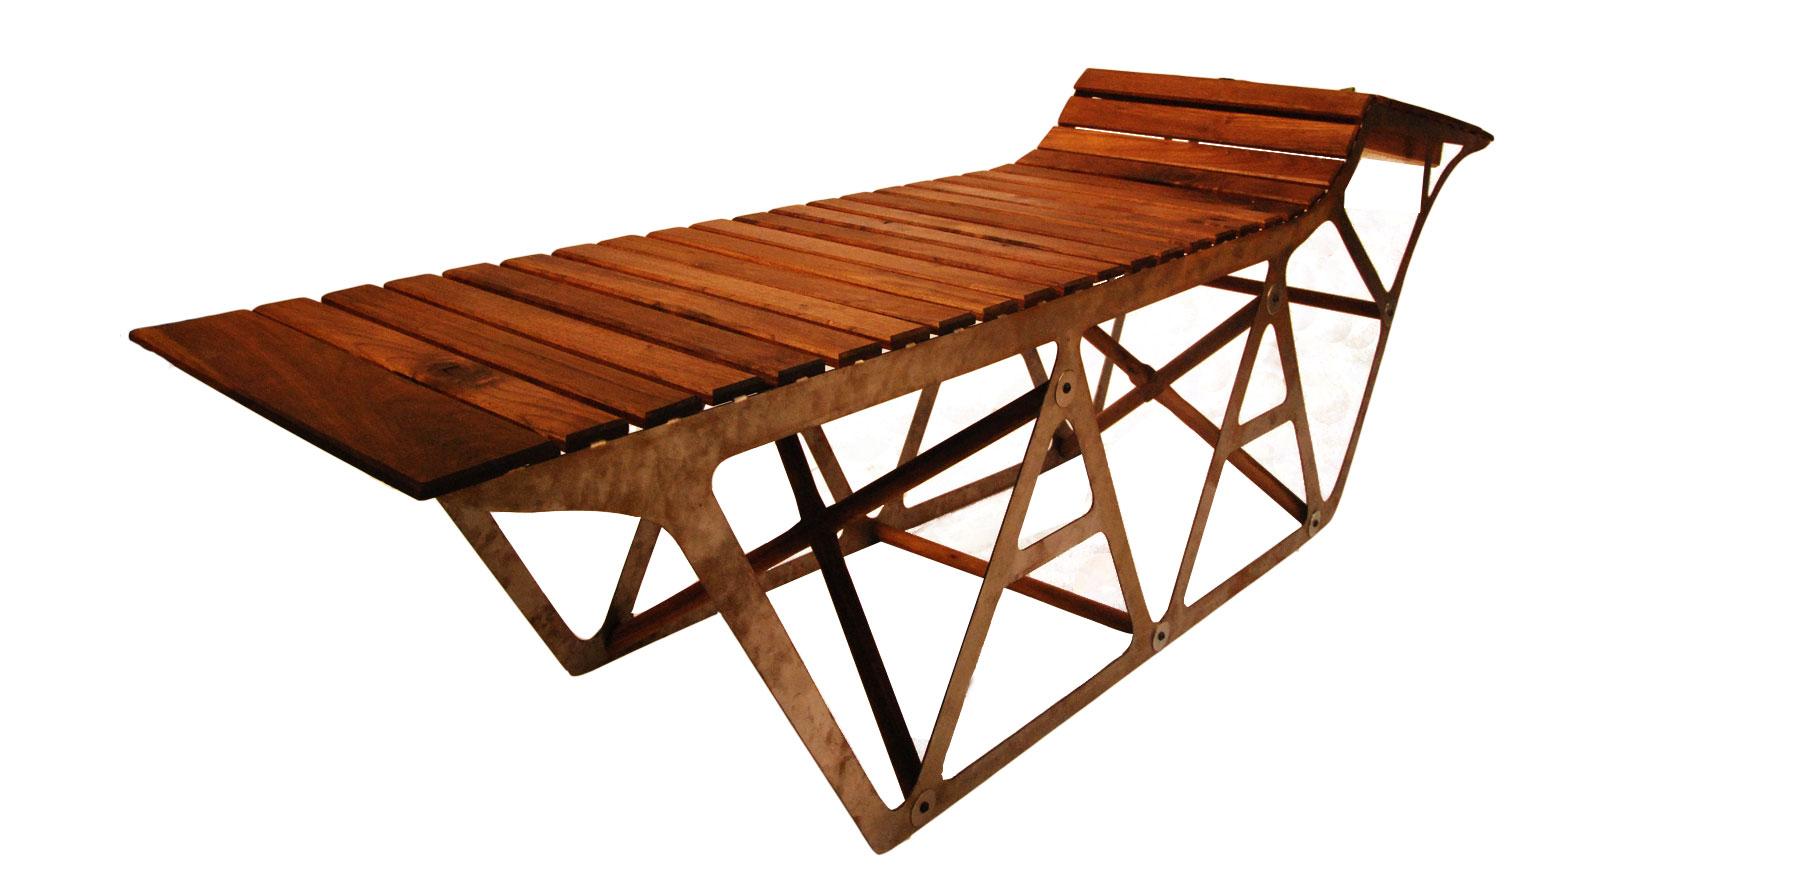 bench2.0.jpg